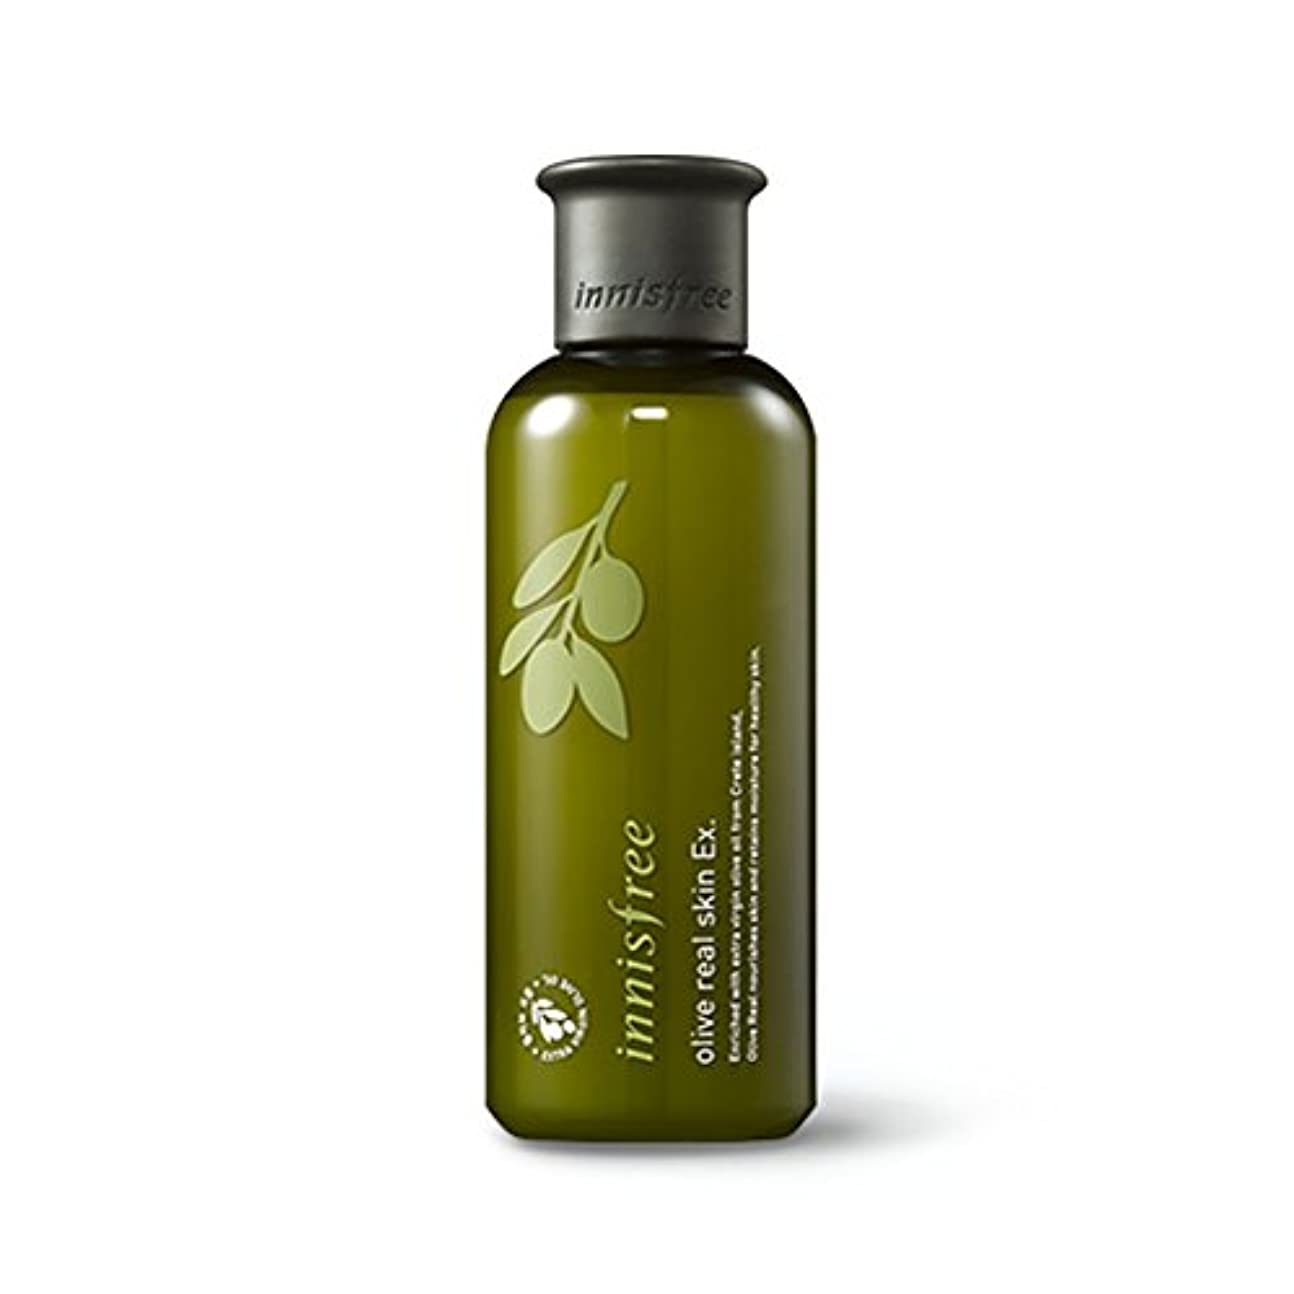 匿名日段階イニスフリーオリーブリアルスキン 200ml Innisfree Olive Real Skin Ex. 200ml [海外直送品][並行輸入品]